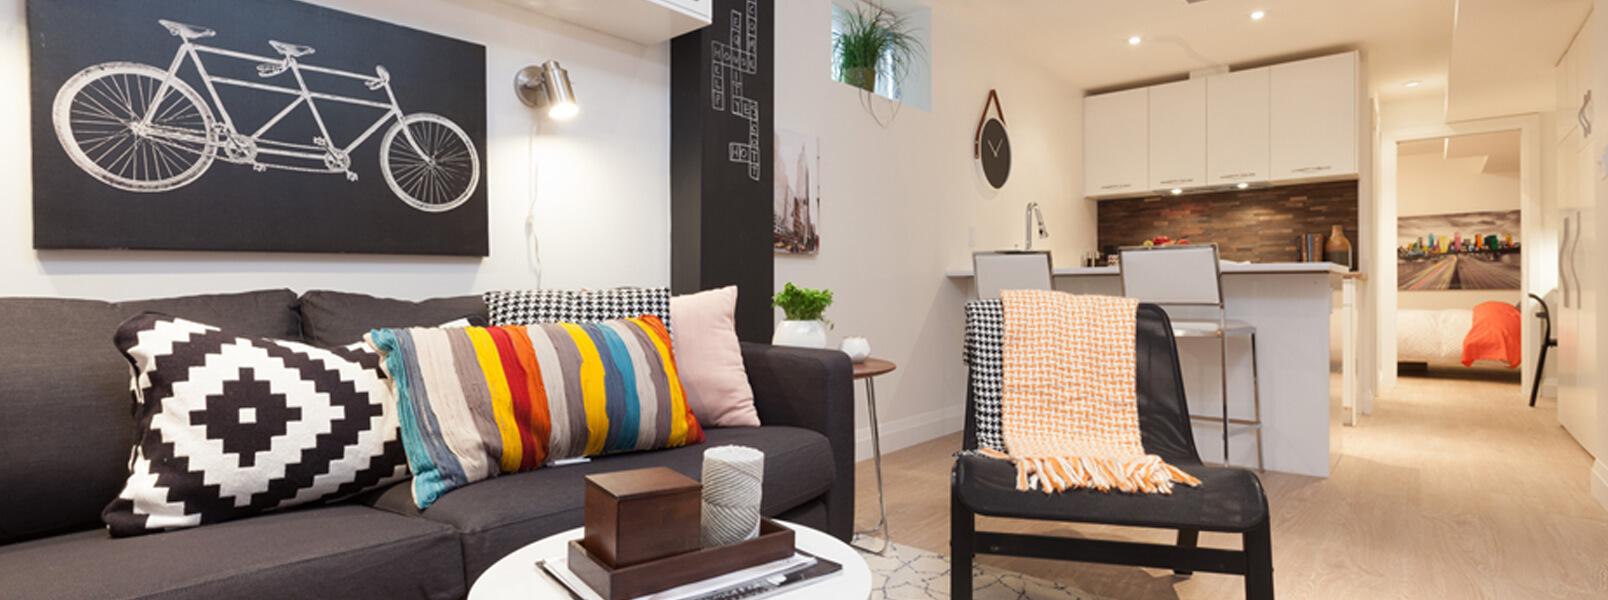 top 10 des id es de r novation de sous sol pour un design unique. Black Bedroom Furniture Sets. Home Design Ideas